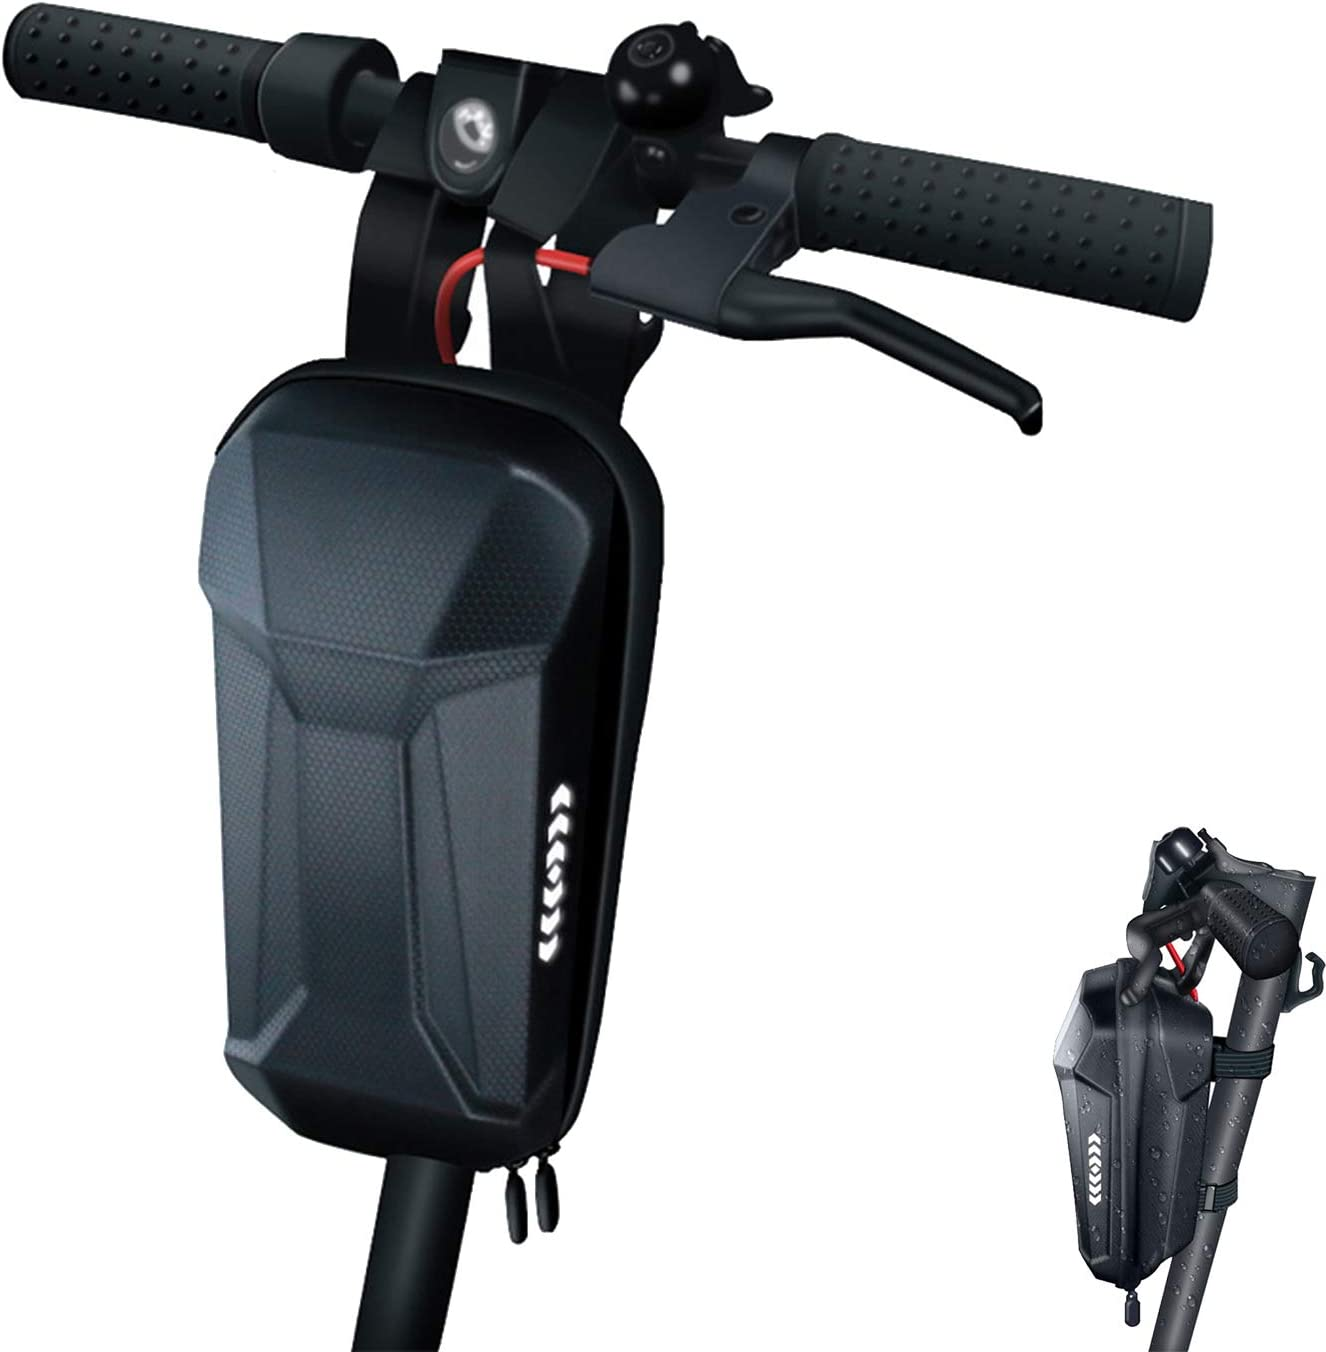 KAPAYONO Borsa da Manubrio per Moto Borsa da Viaggio Borsa Impermeabile Borsa da Viaggio Borsa da Cabina di Pilotaggio per R1200RT R 1200RT